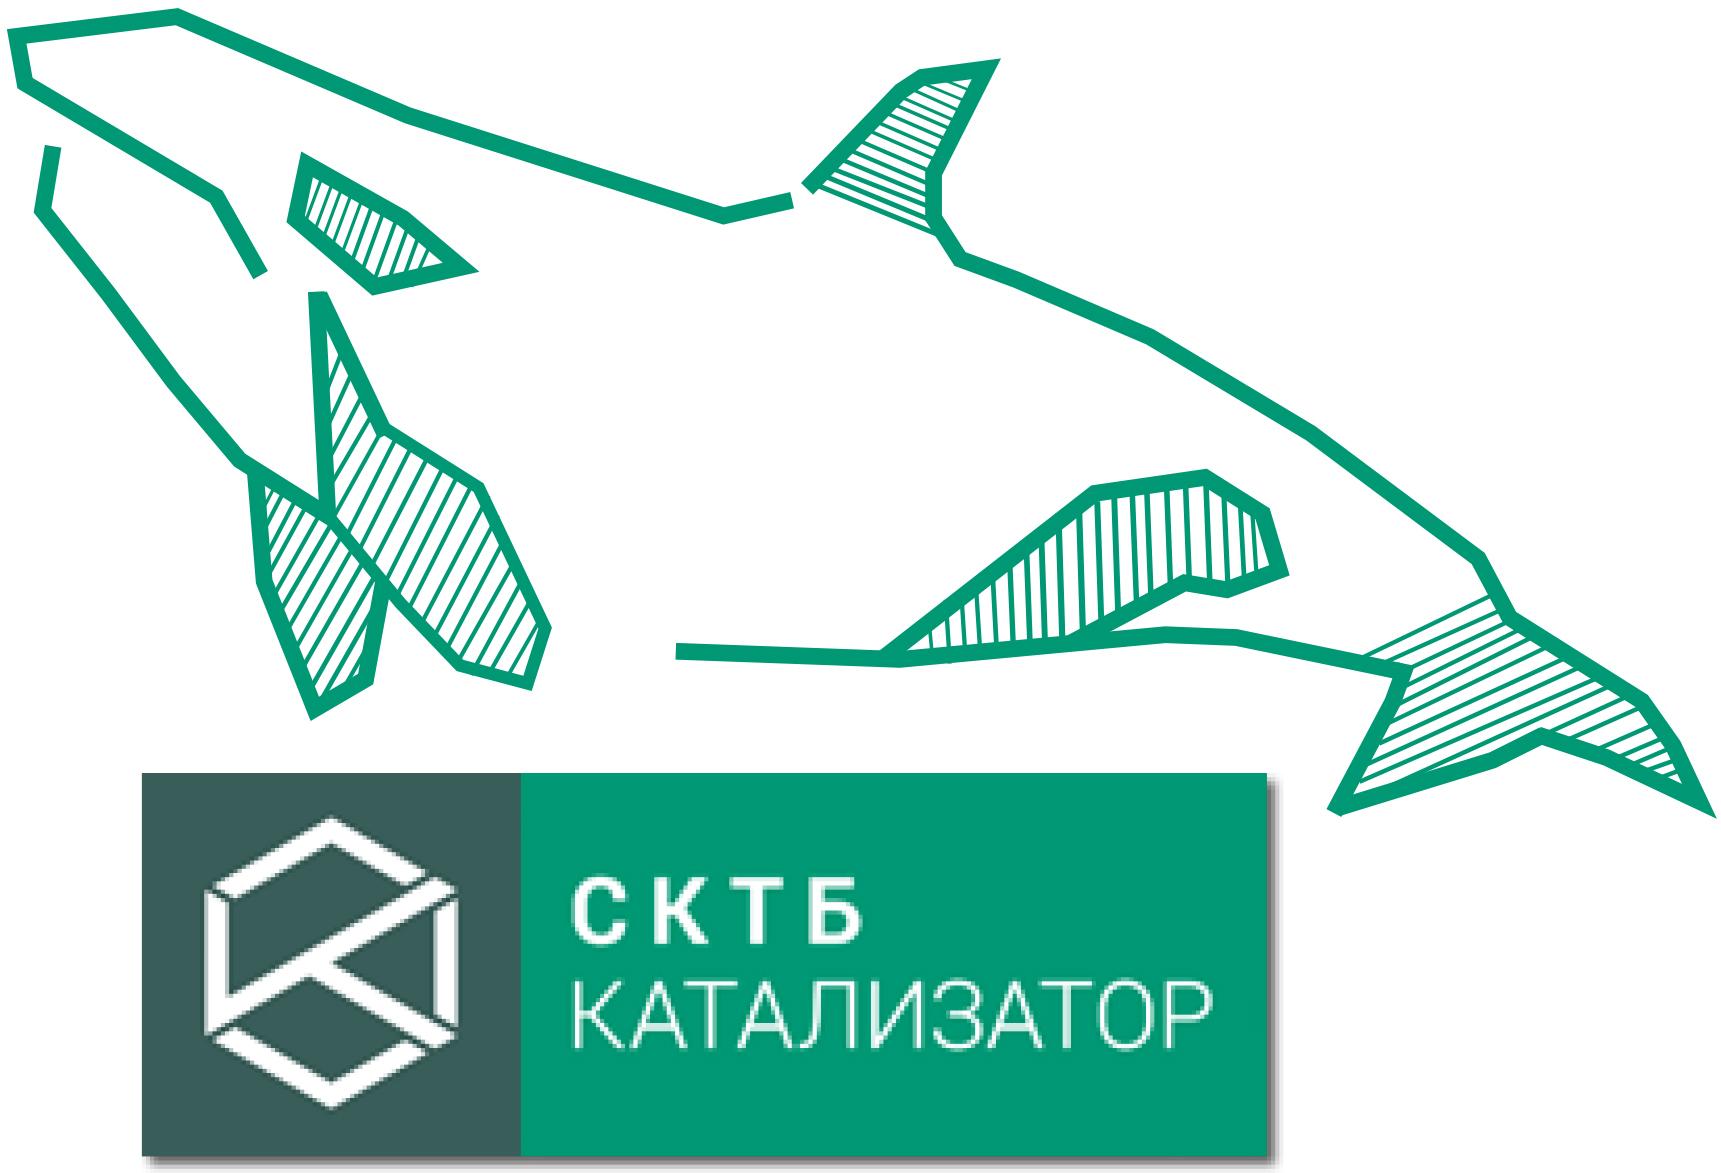 Разработка фирменного символа компании - касатки, НЕ ЛОГОТИП фото f_8205b02c0ff6afc0.jpg